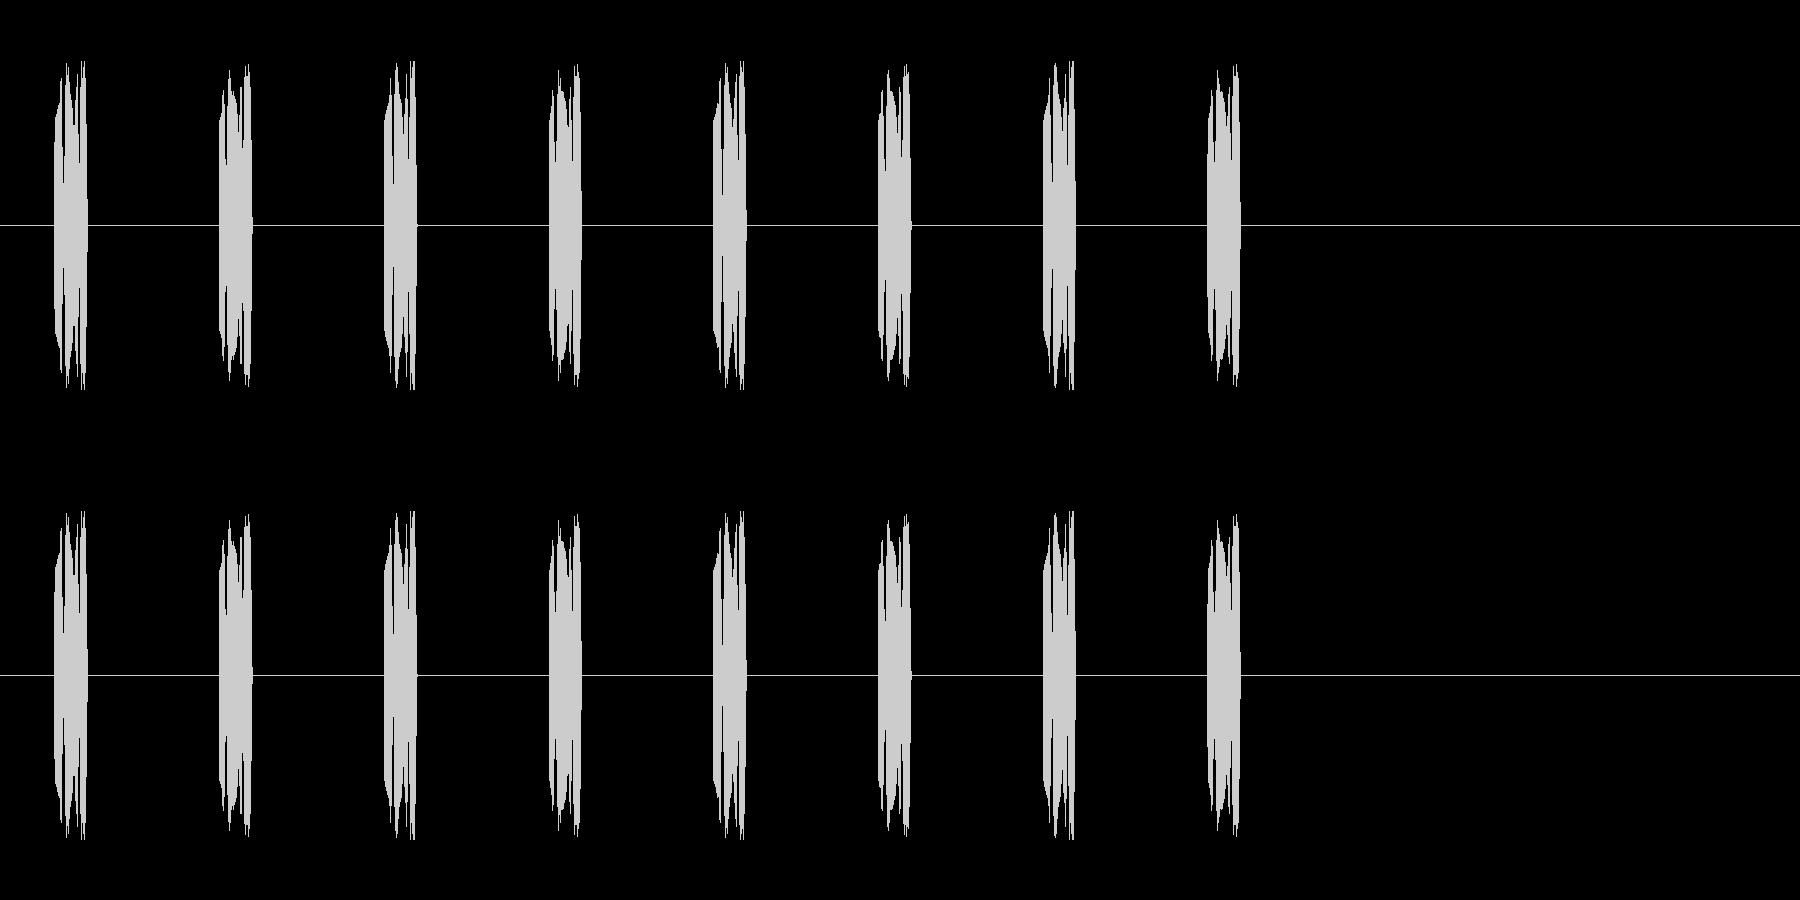 コミカルな足音 A-6-3の未再生の波形